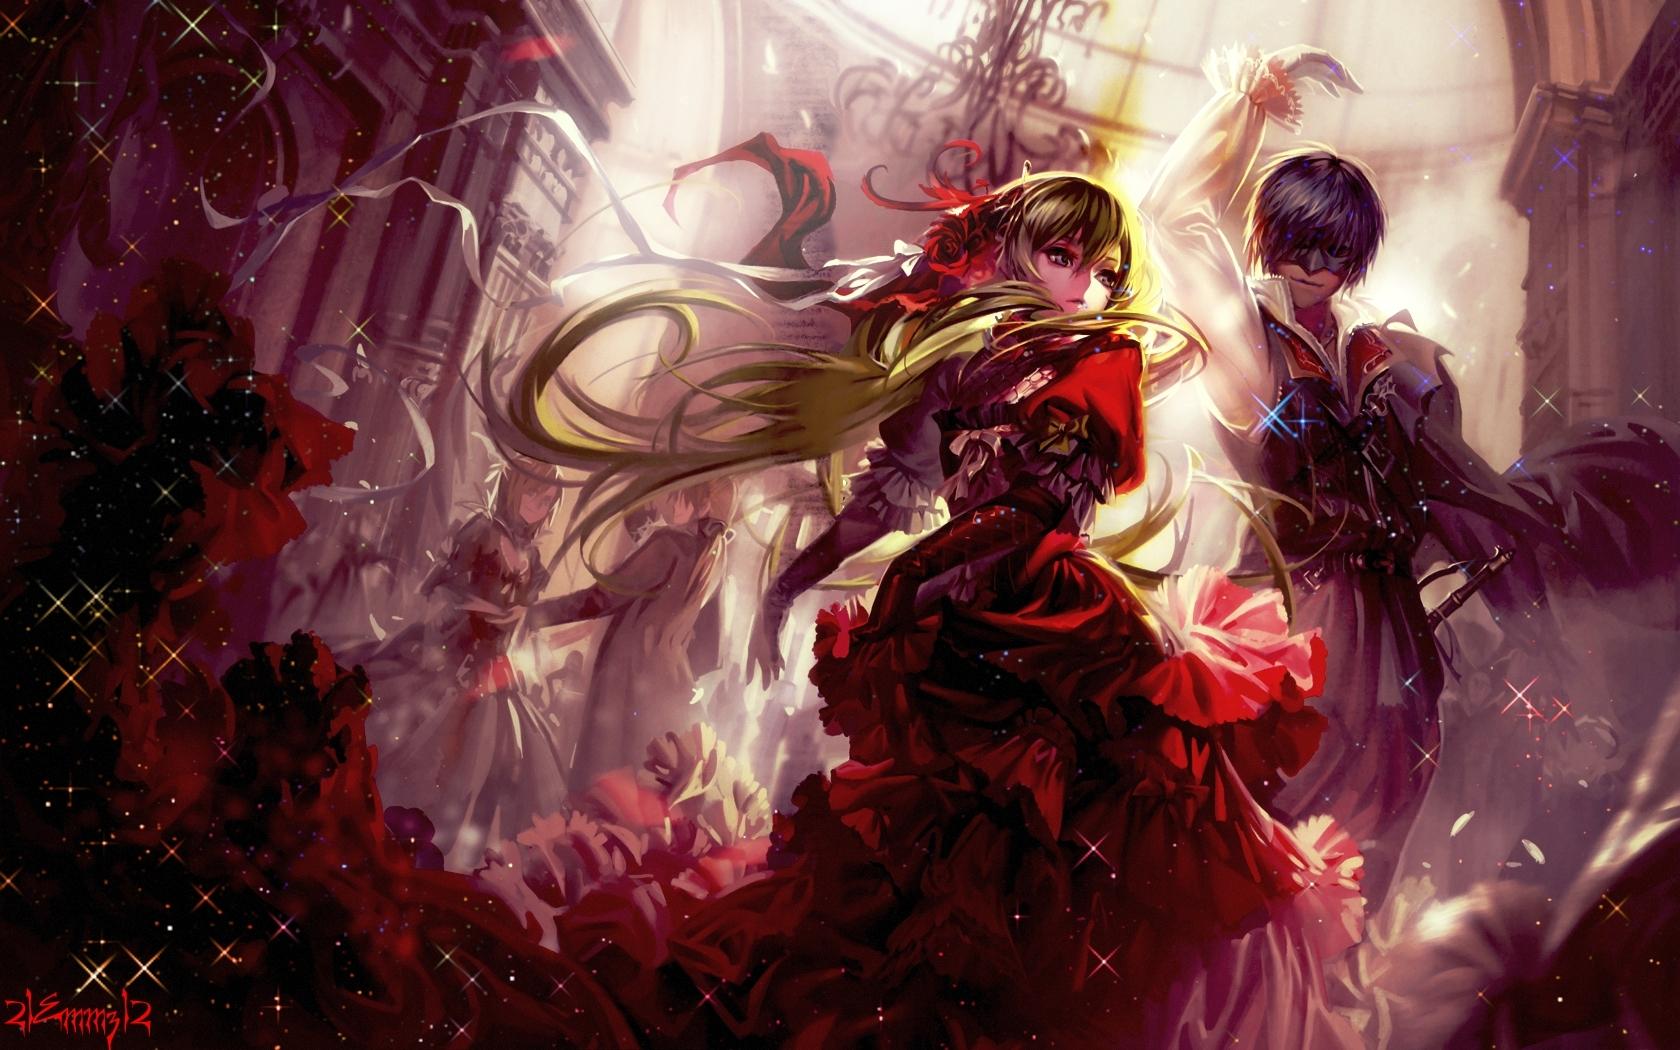 Anime - Vocaloid  - Miku Hatsune - Kaito Shion - Miku - Kaito - Song Illustration - Cantarella Papel de Parede